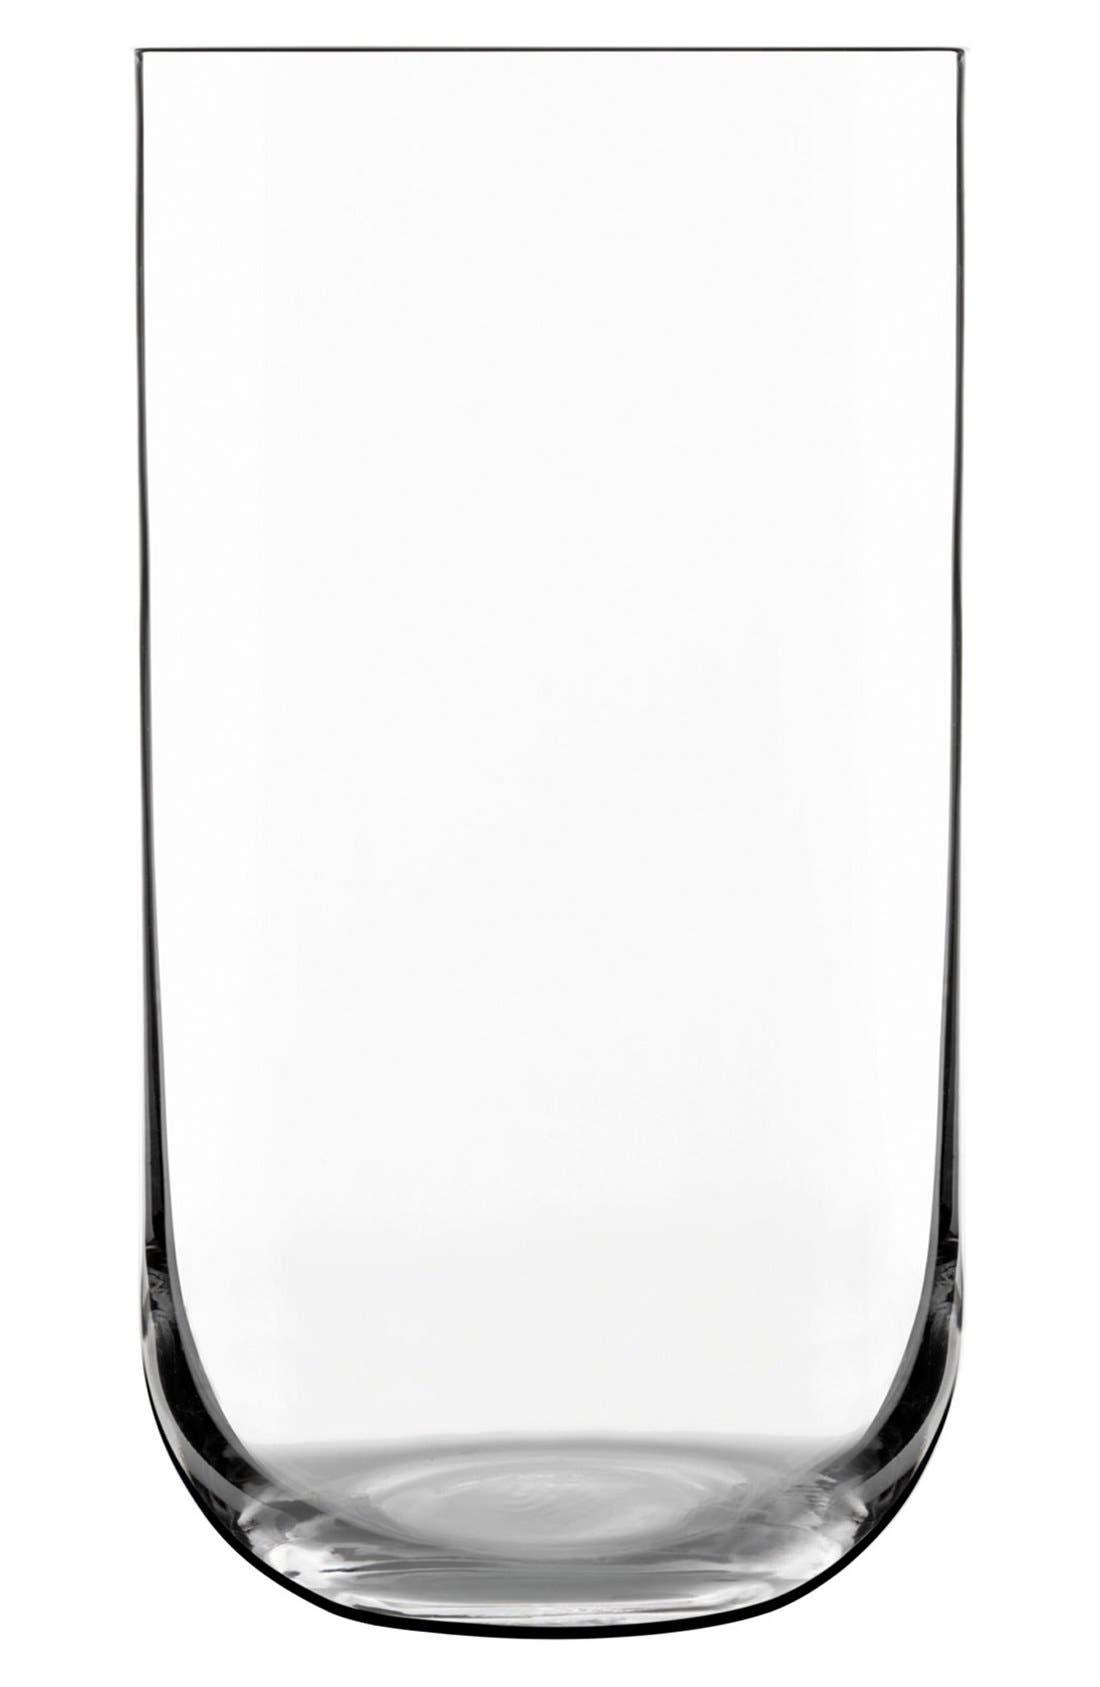 Main Image - Luigi Bormioli 'Sublime' Beverage Glasses (Set of 4)